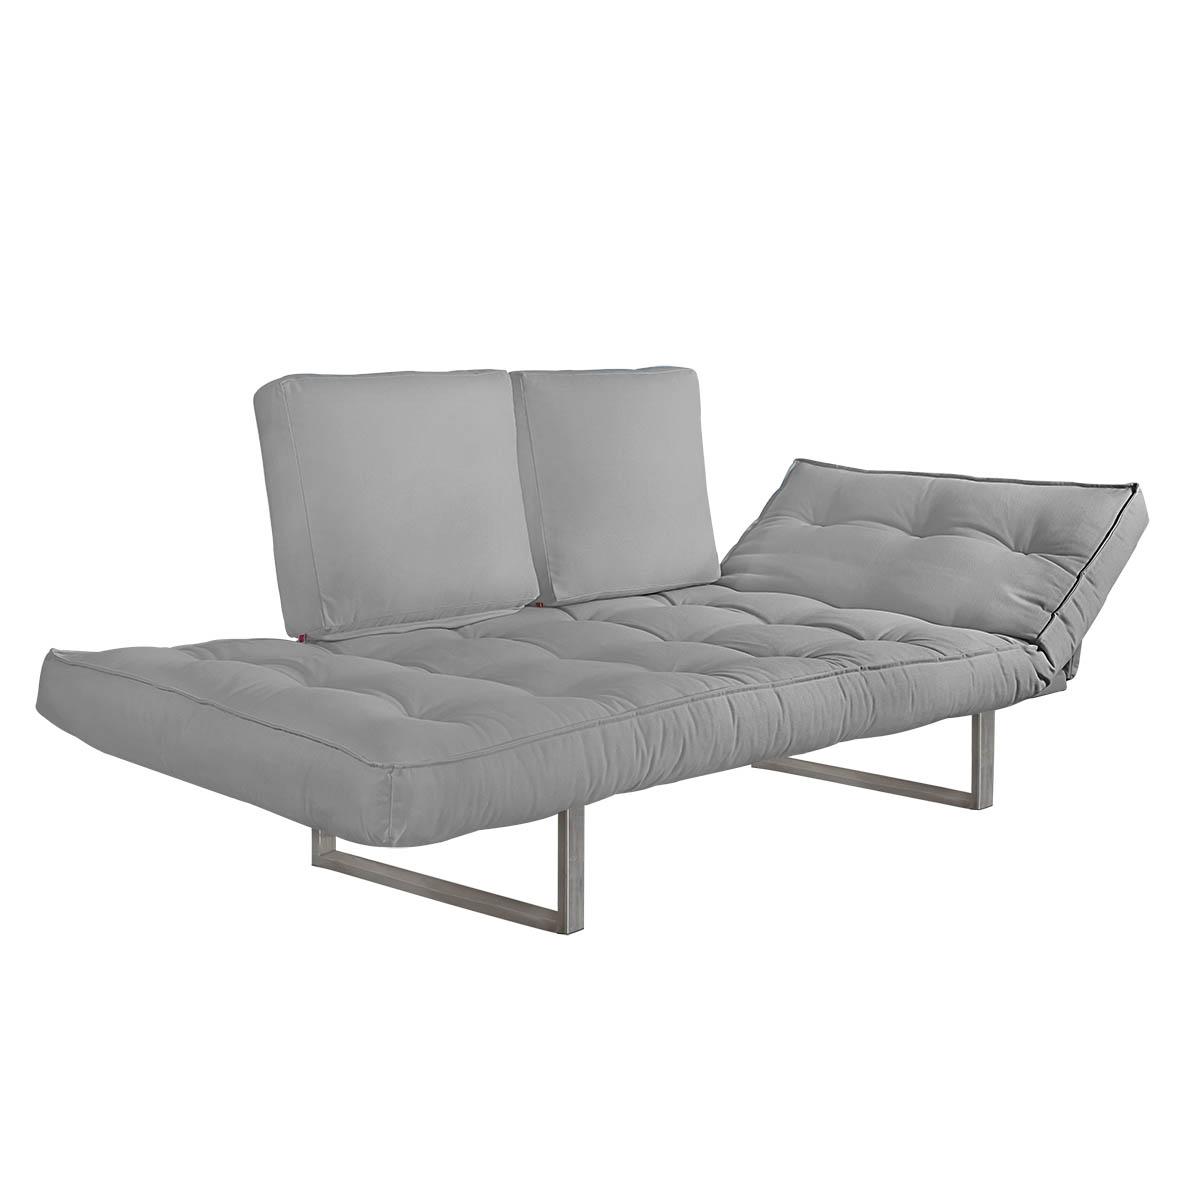 Sofa Cama Futon Home Decor